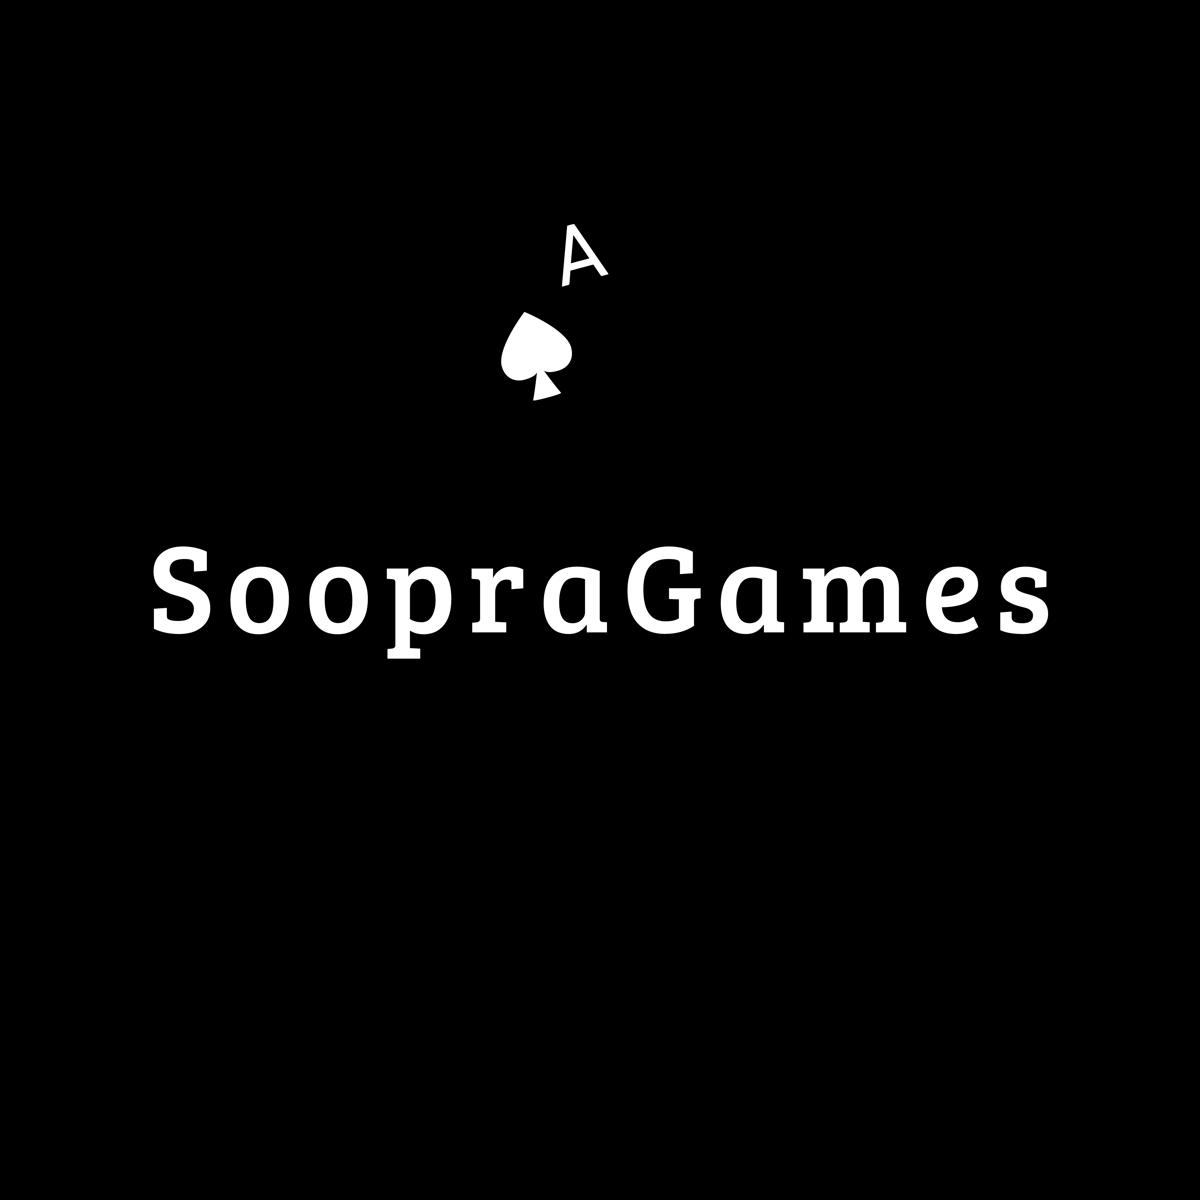 SoopraGames